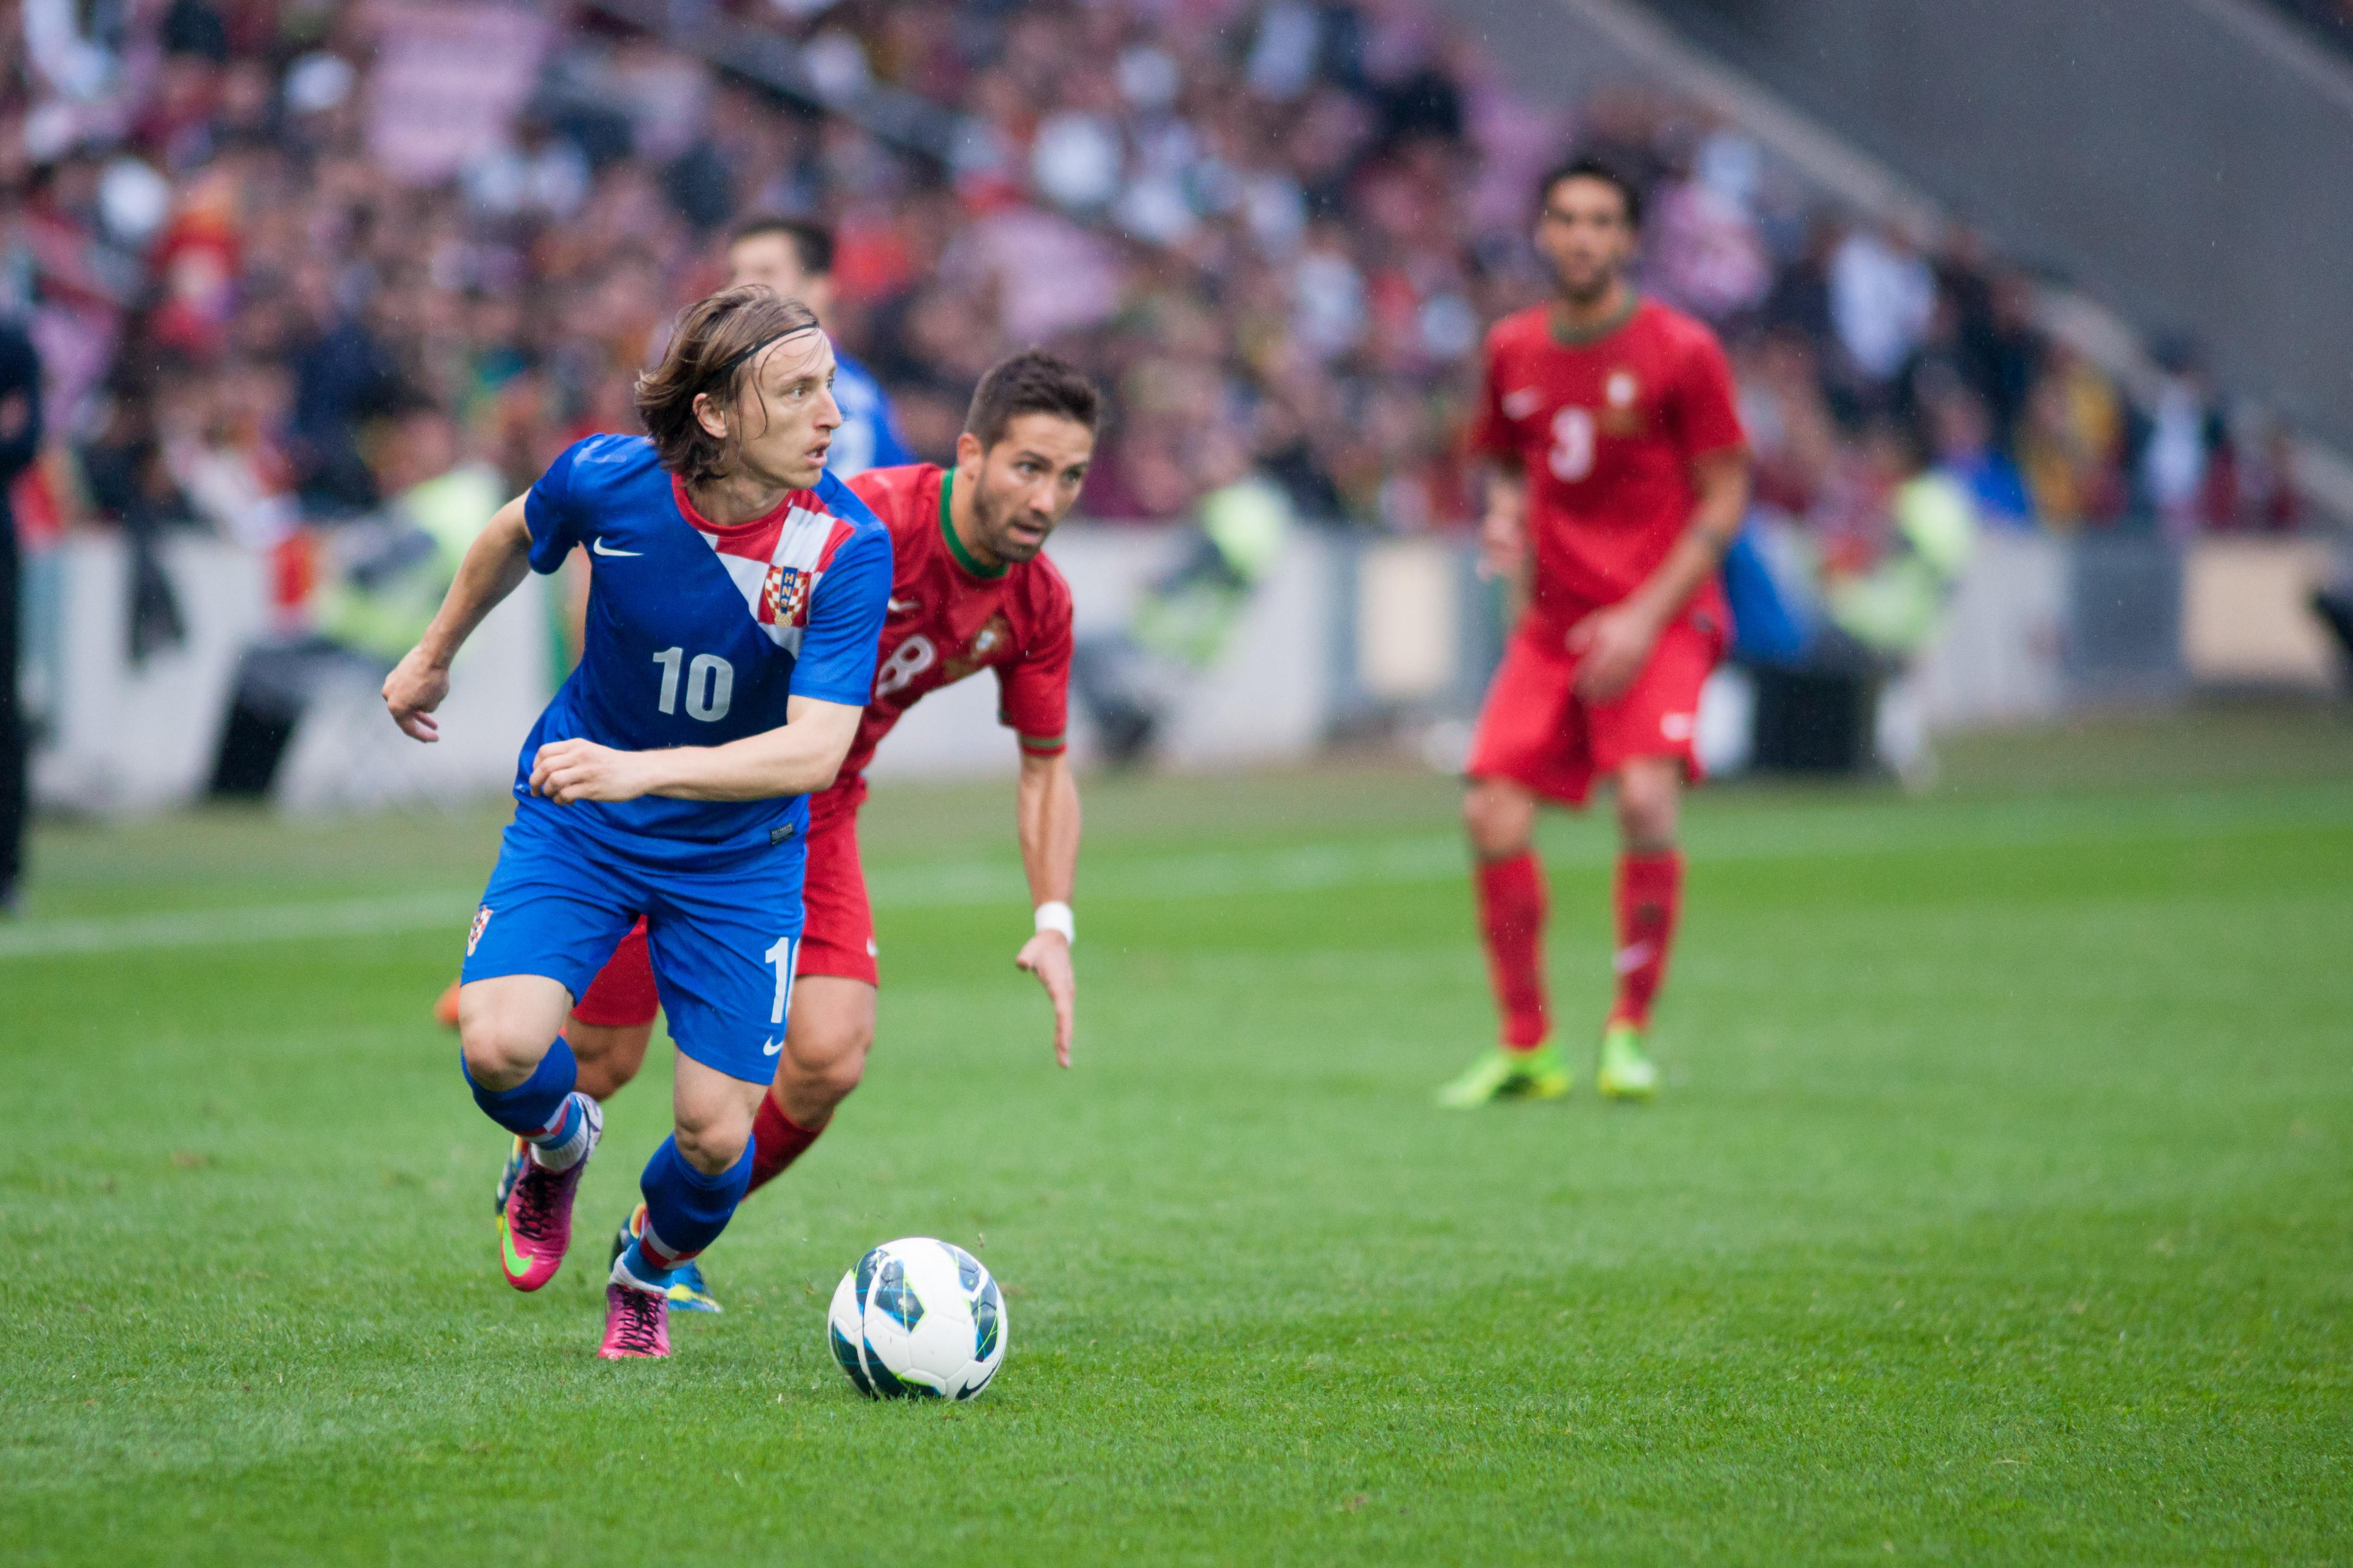 O dwóch takich, co mogą poprowadzić Chorwację do medalu